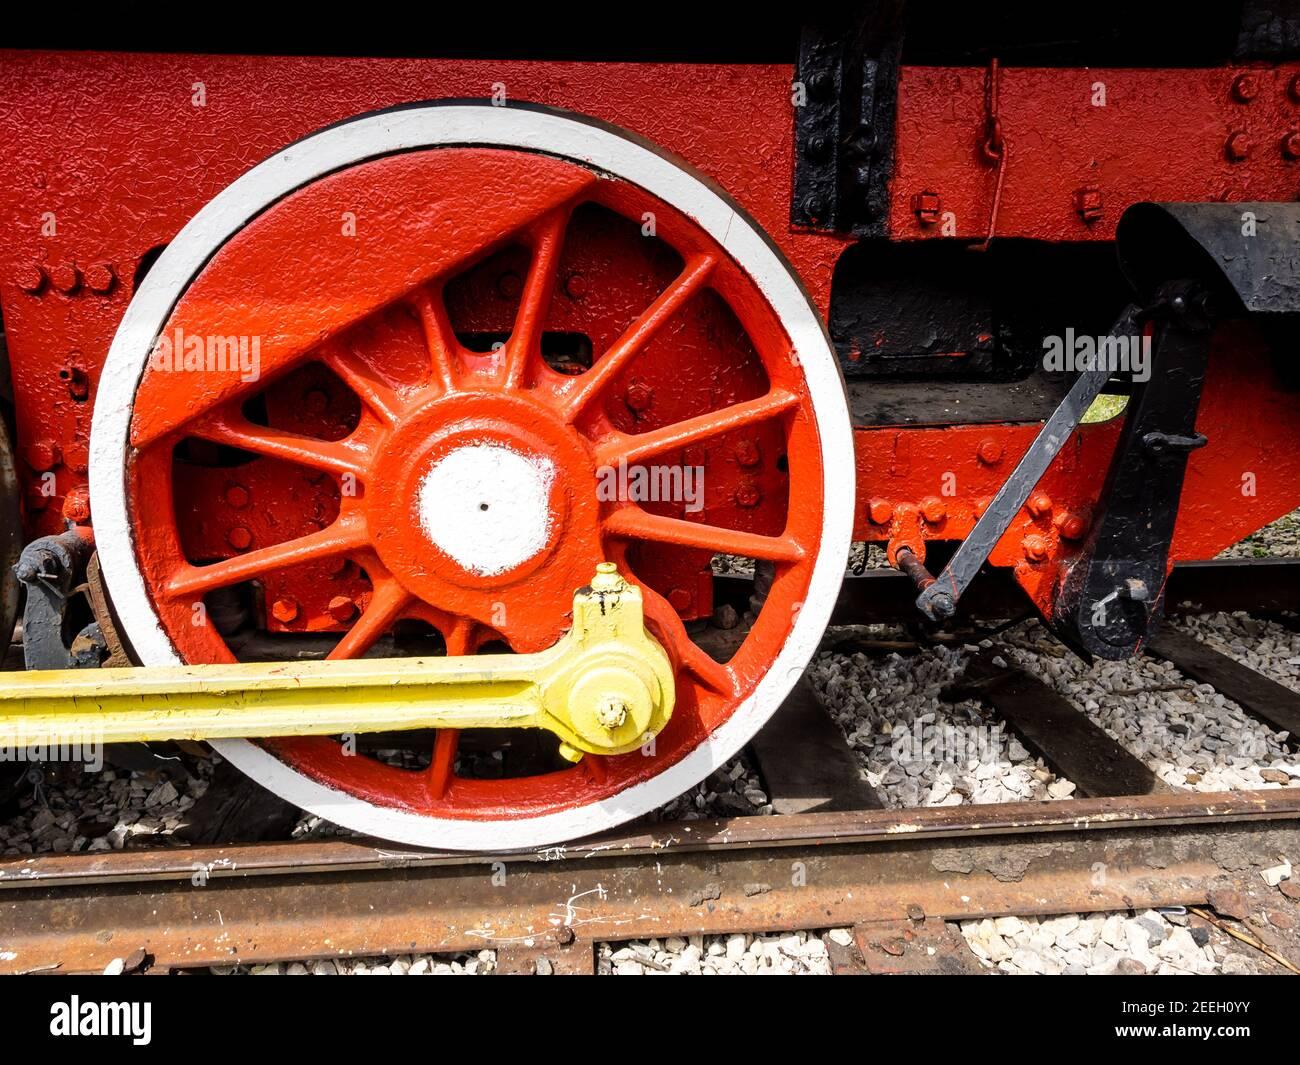 Wheels Of The Carriage Stockfotos und  bilder Kaufen   Alamy